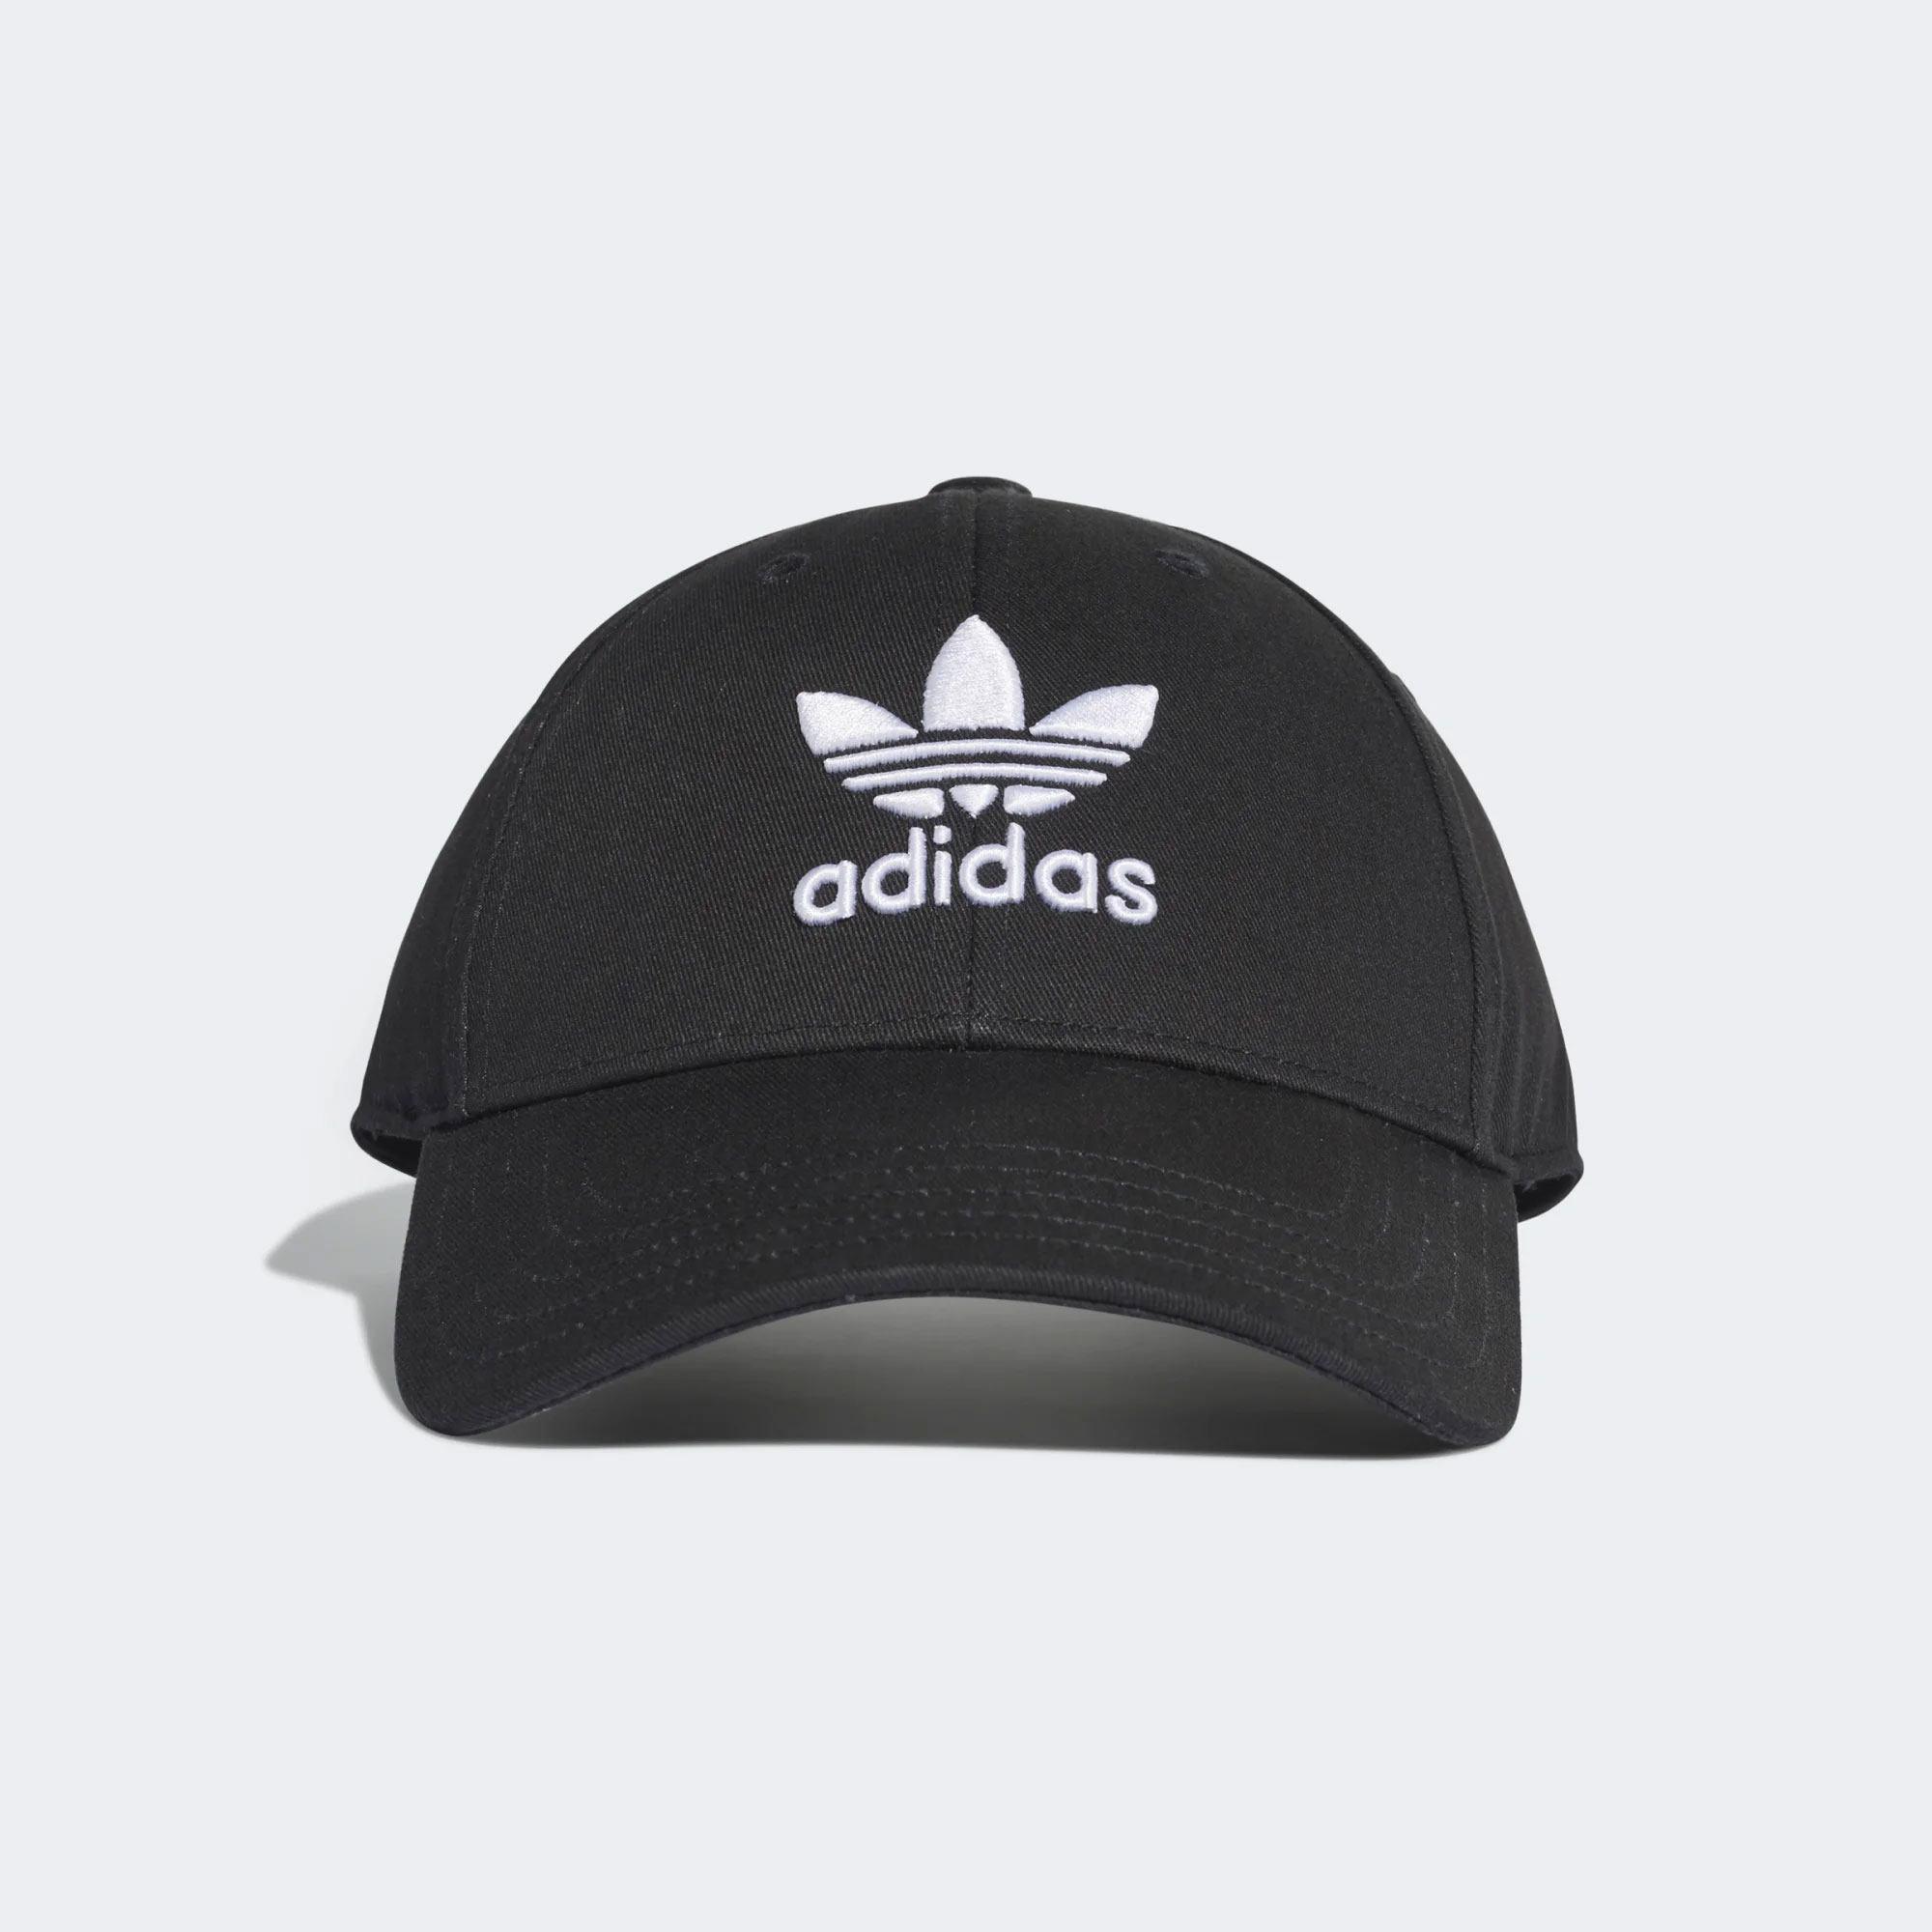 adidas Originals Trefoil Baseball Καπέλο (9000033293_1480)